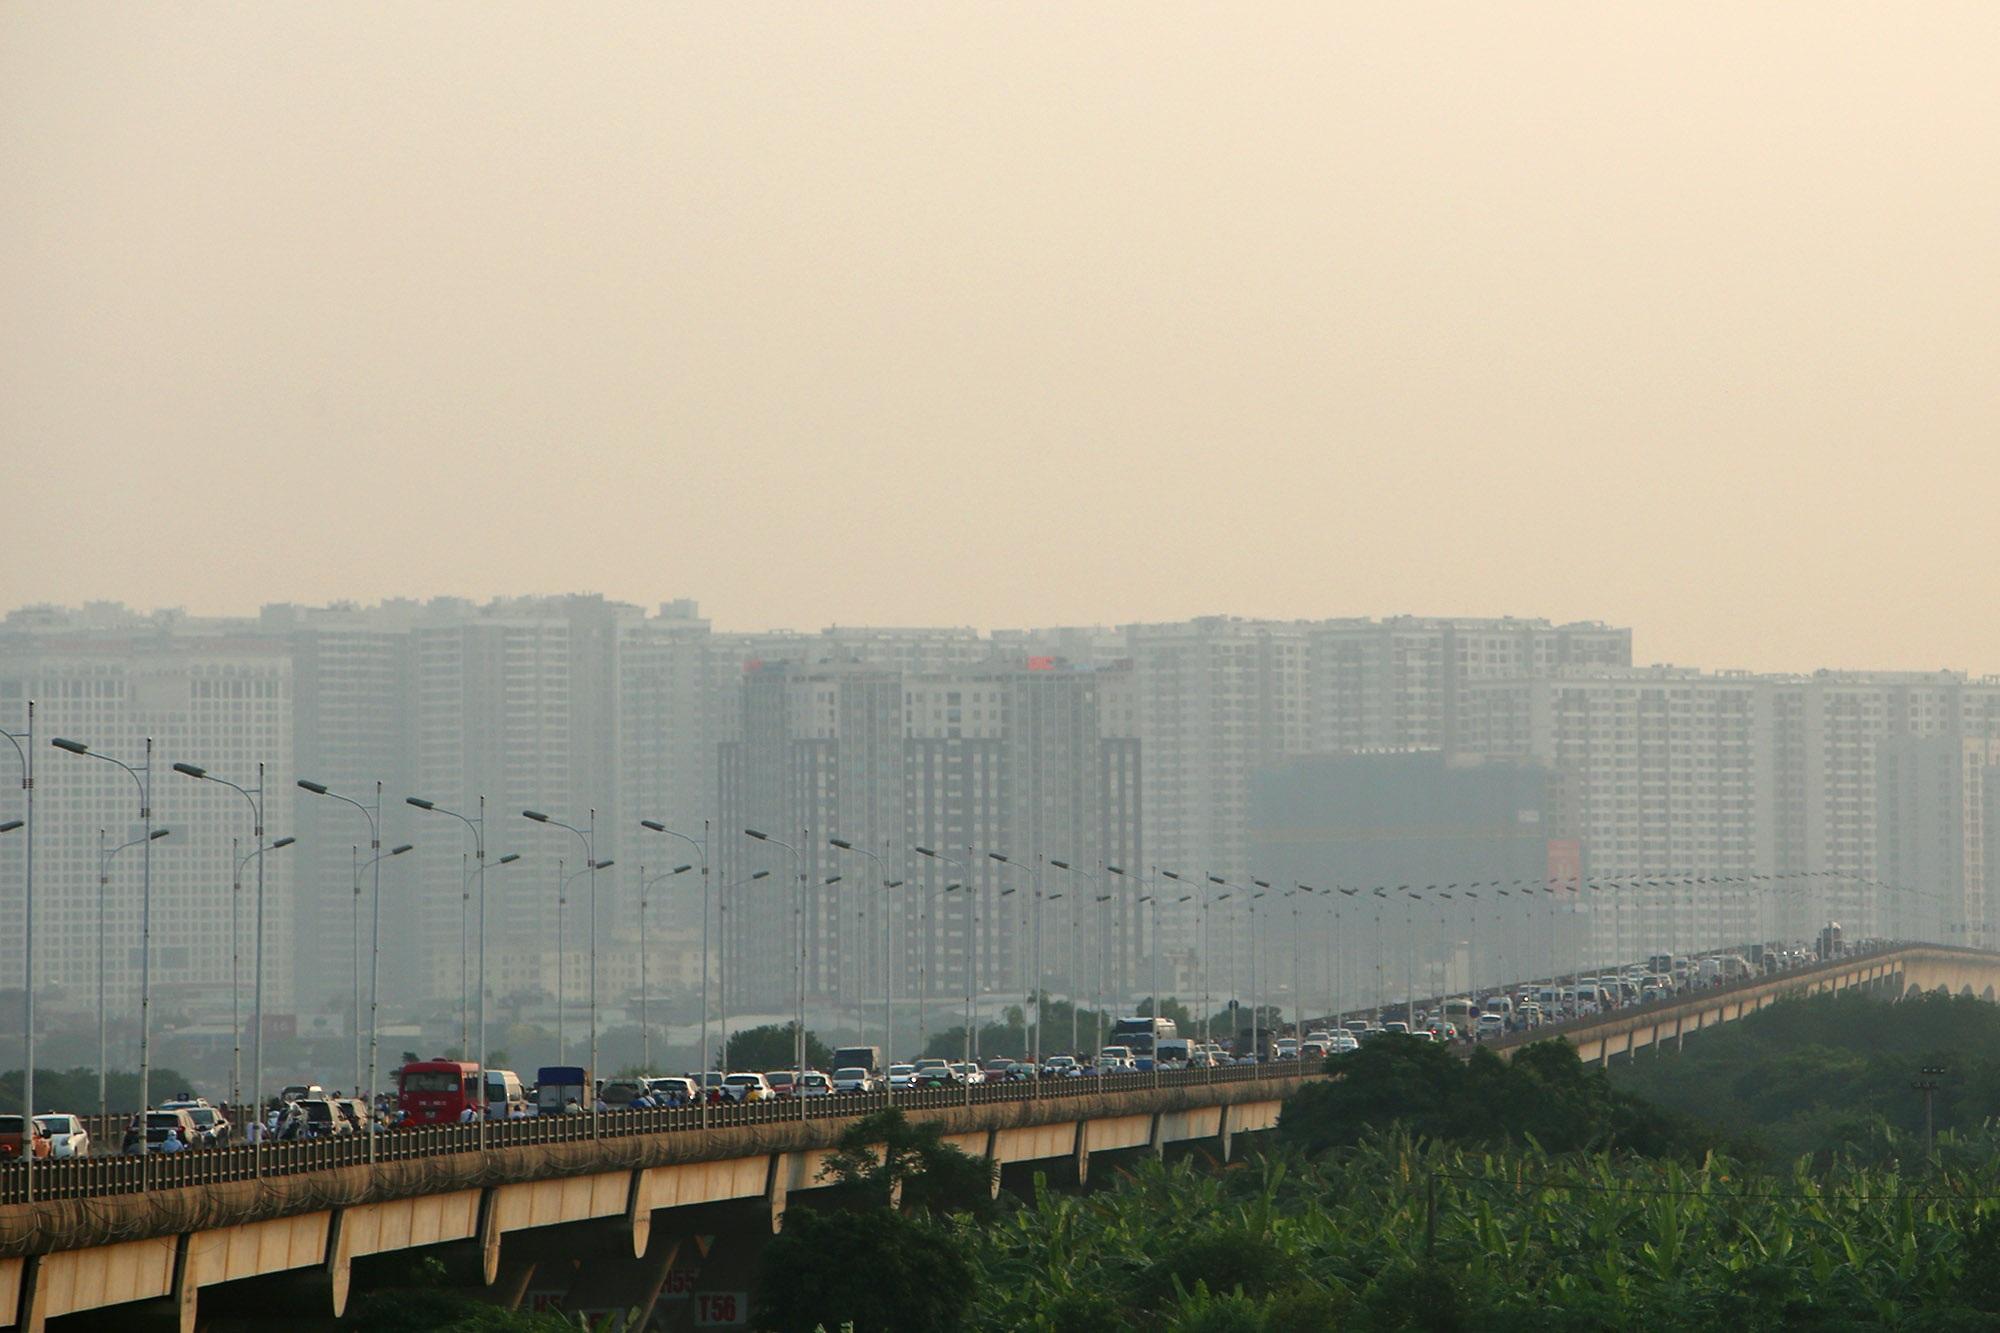 Ảnh Hà Nội trong báo động đỏ về ô nhiễm không khí - 8